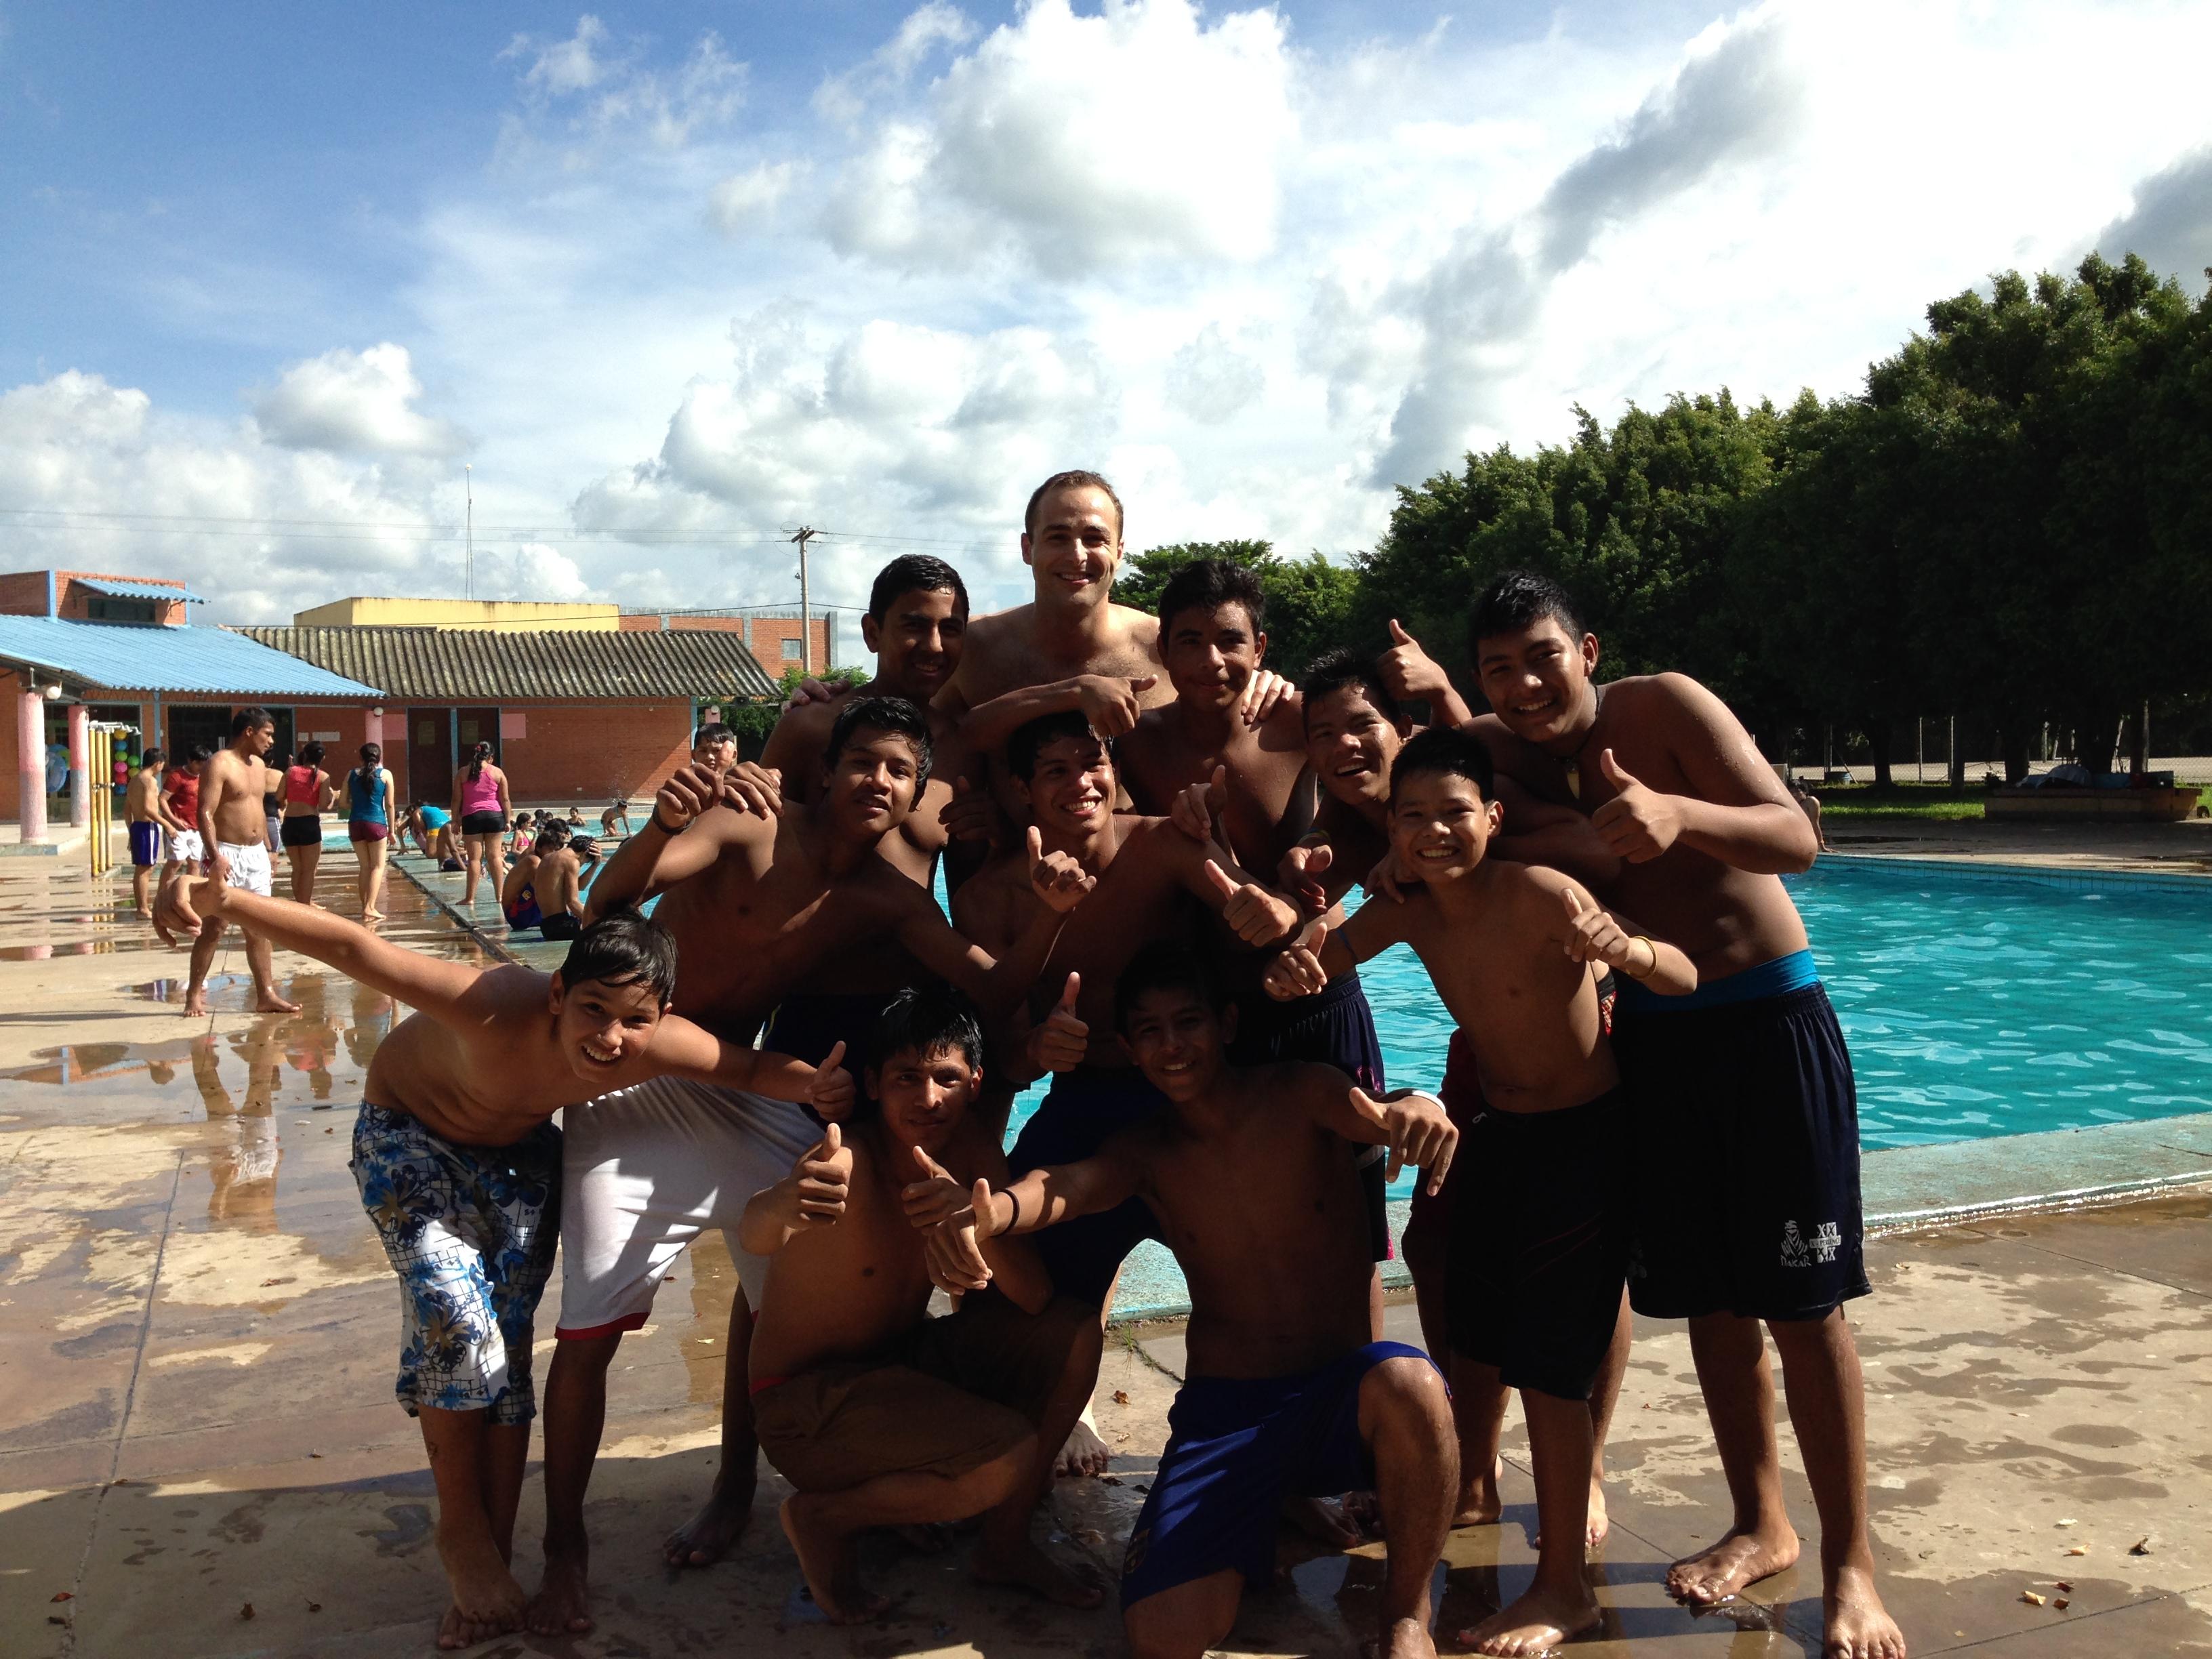 Con mis amigos de la piscina